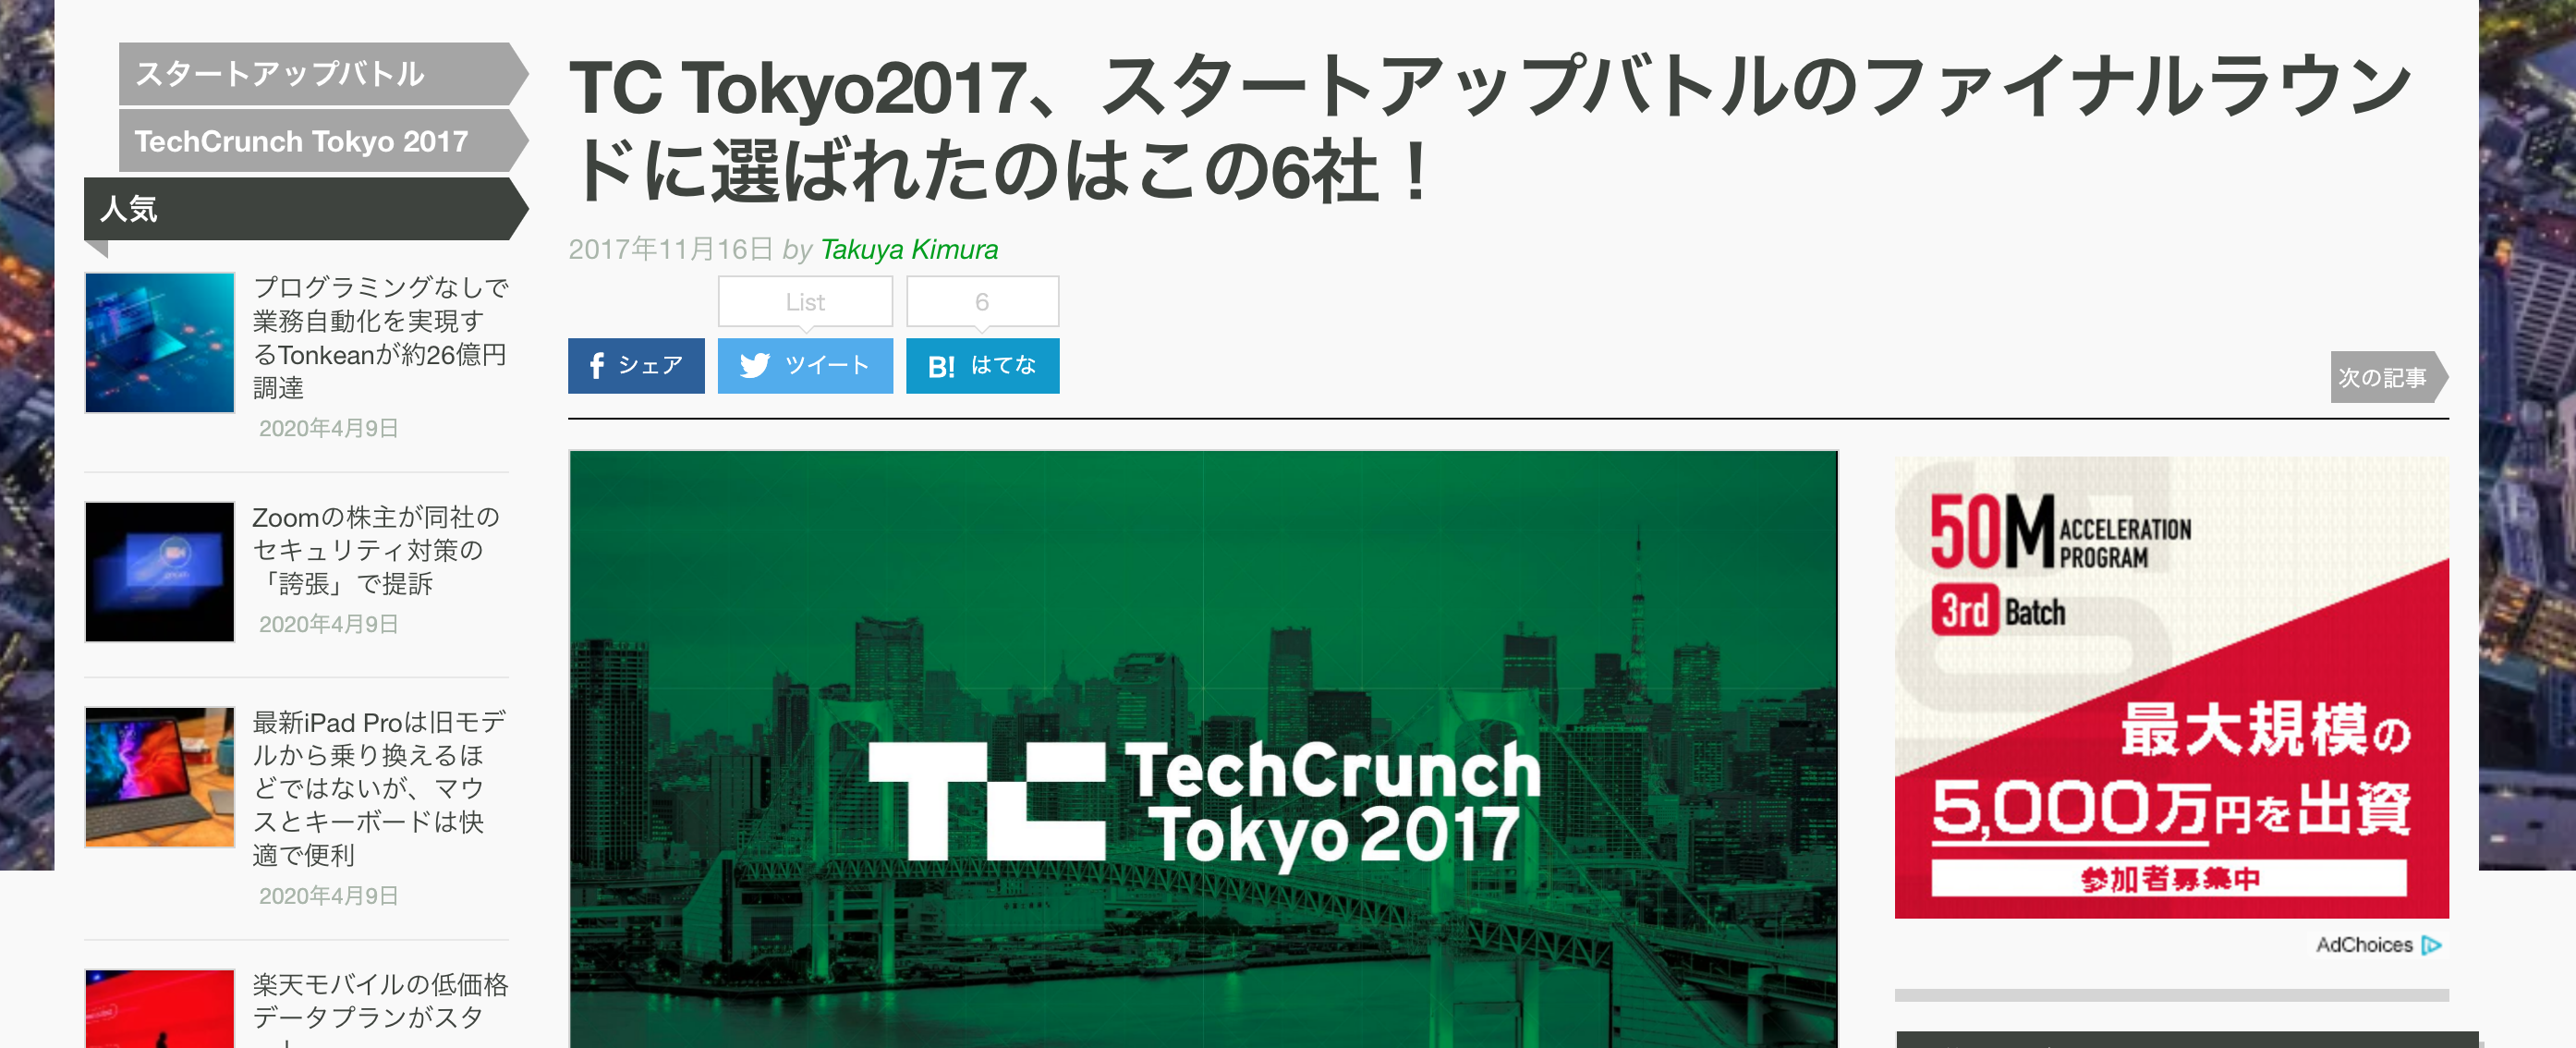 『Techcrunch Tokyo 2017』スタートアップバトルで弊社がファイナリストに選ばれました